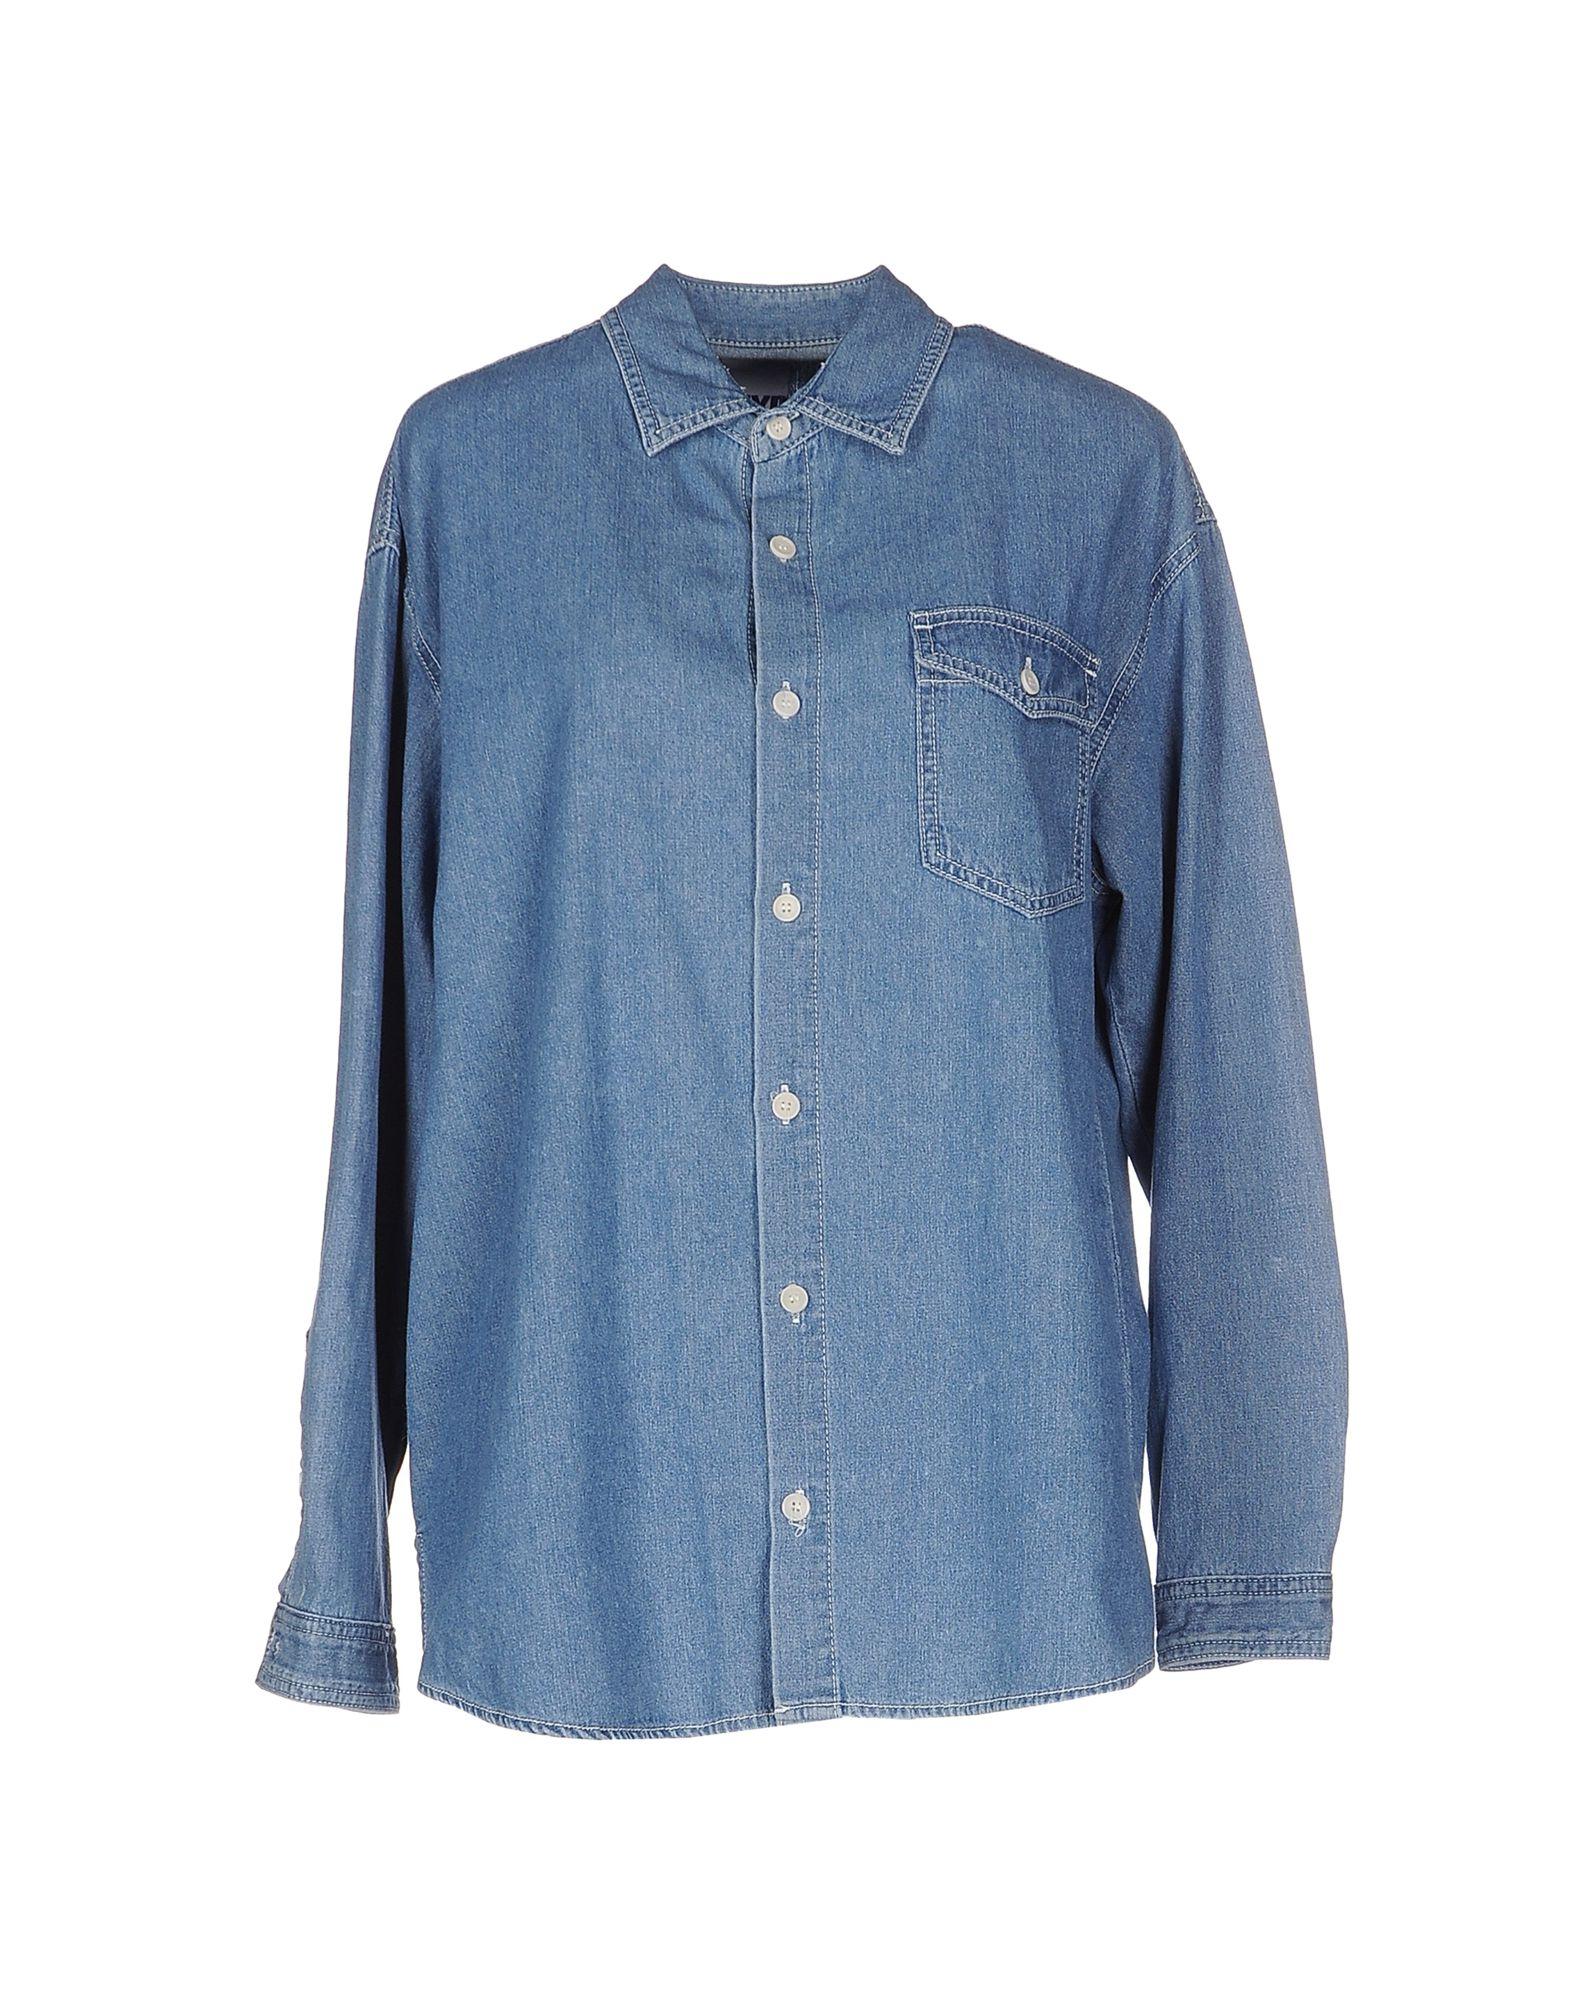 STEVE J & YONI P Джинсовая рубашка